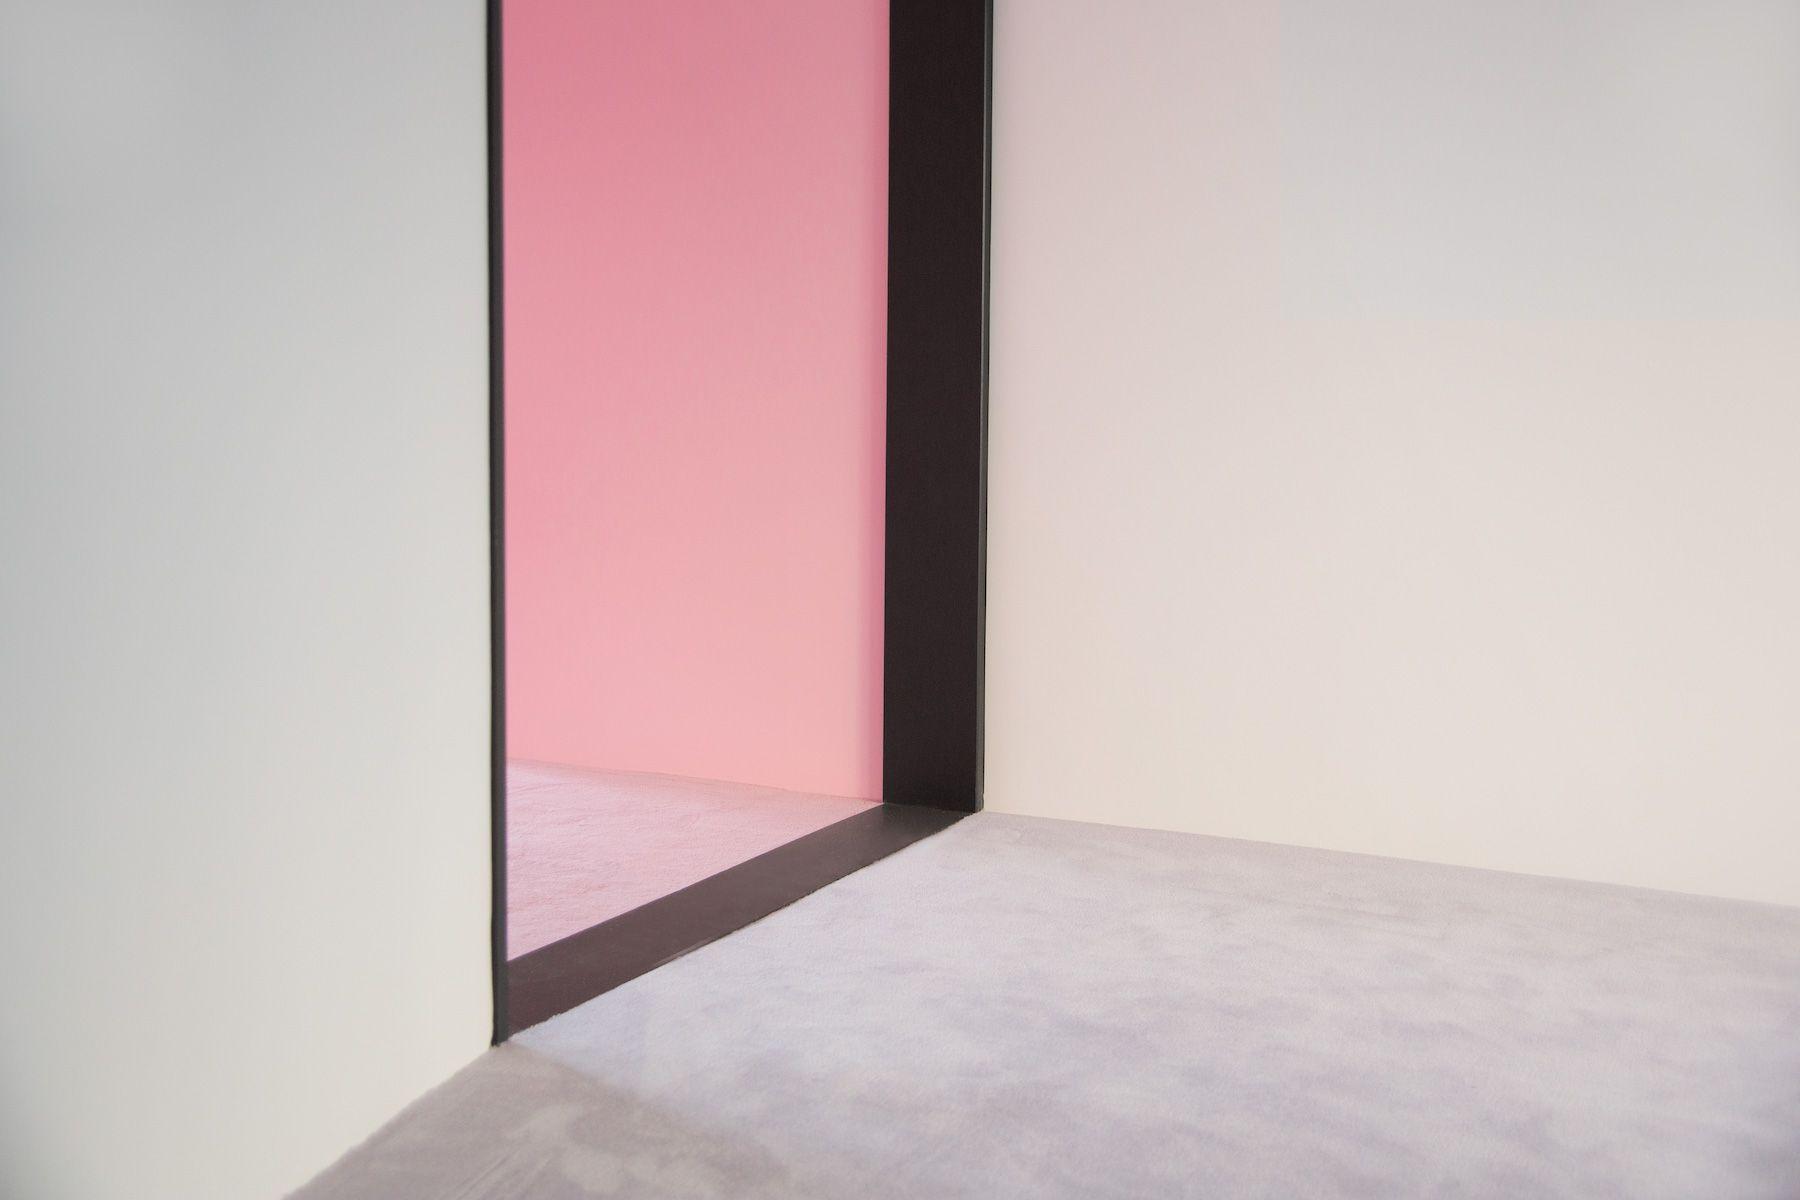 PANSY STUDIO(パンジースタジオ)床はカラーカーペット